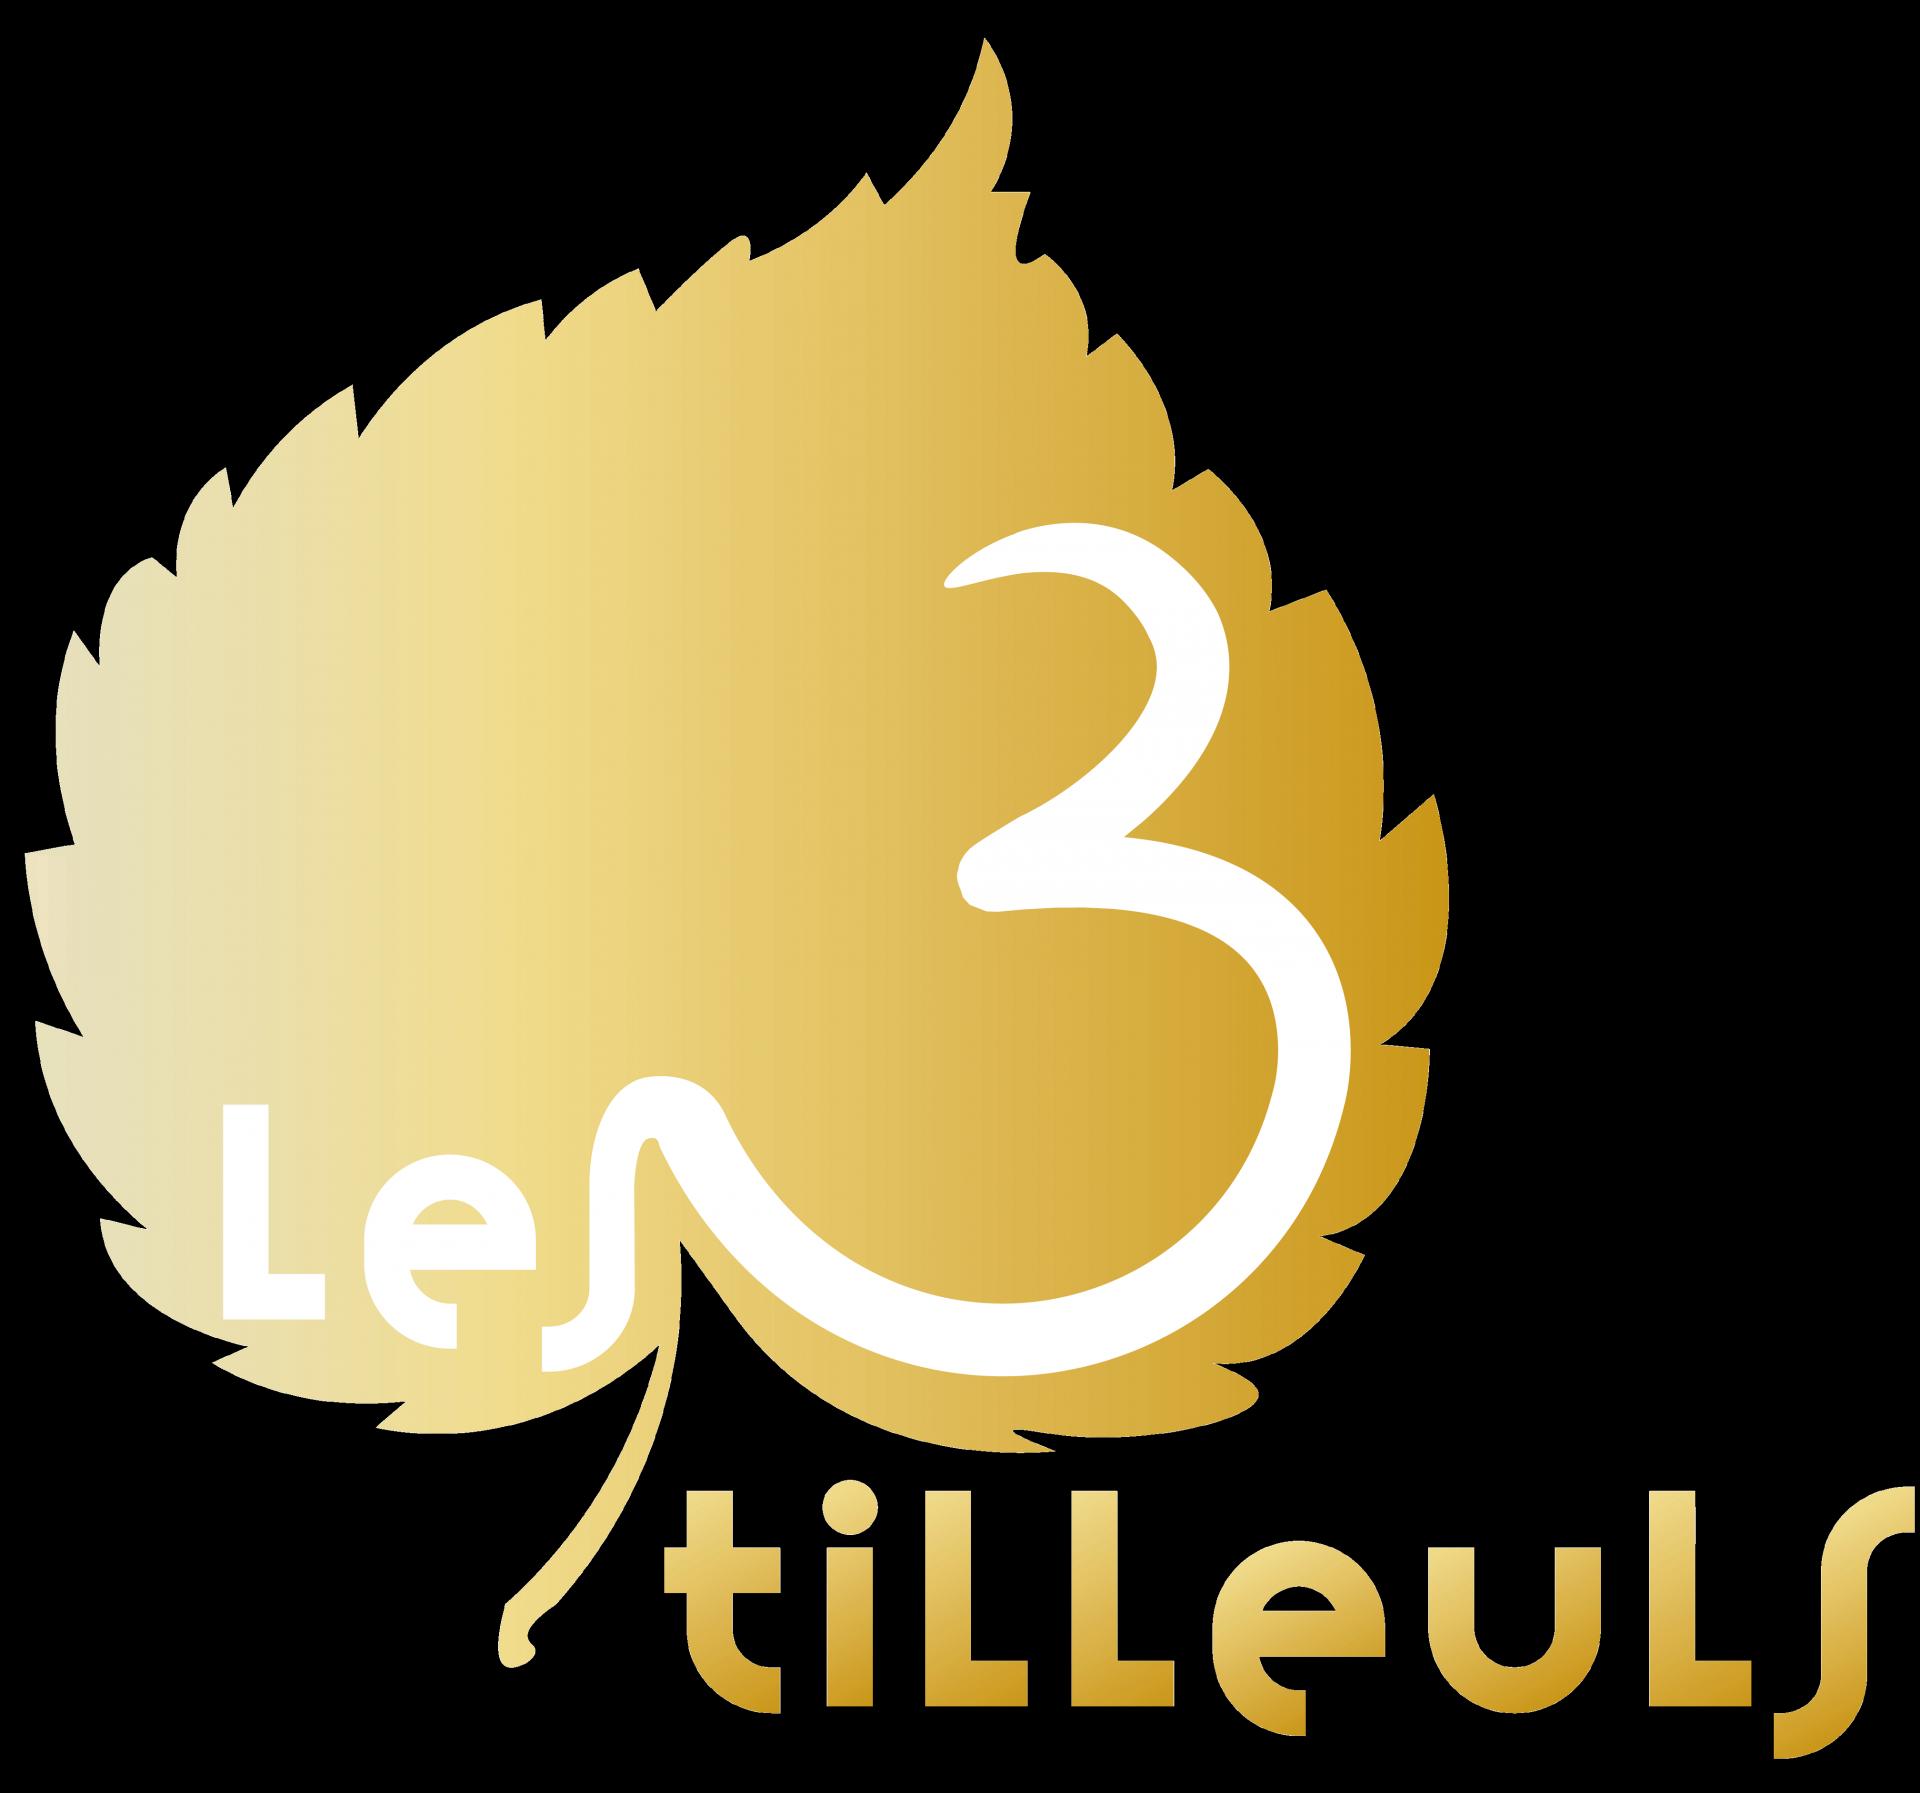 Les 3 tilleuls